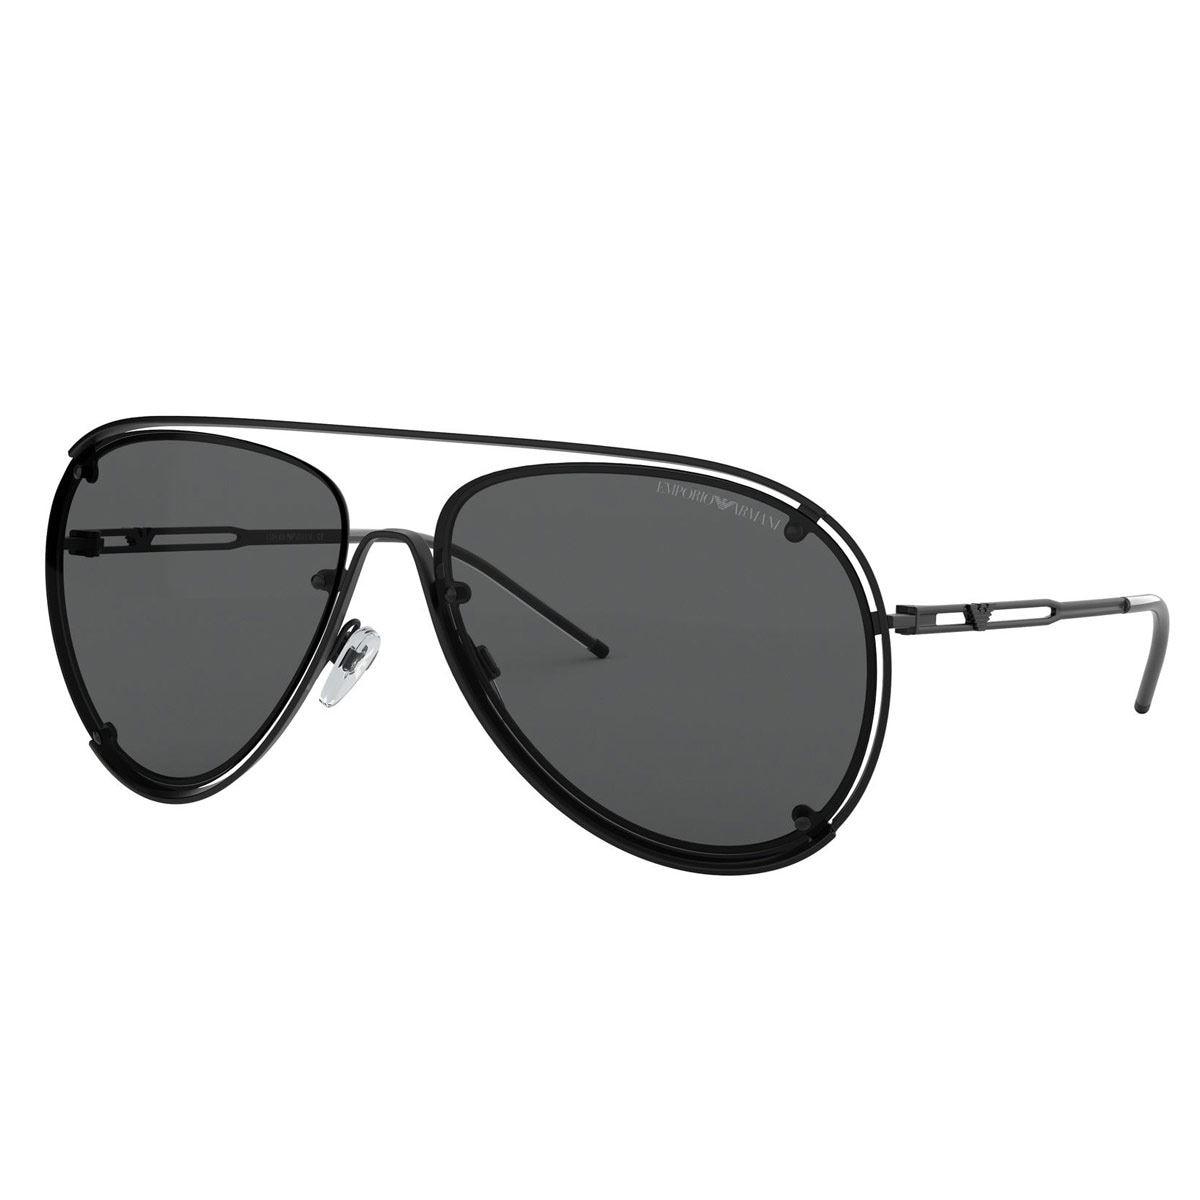 80d60670d2 Lente de sol Emporio Armani gris con armazón de metal negro para hombre